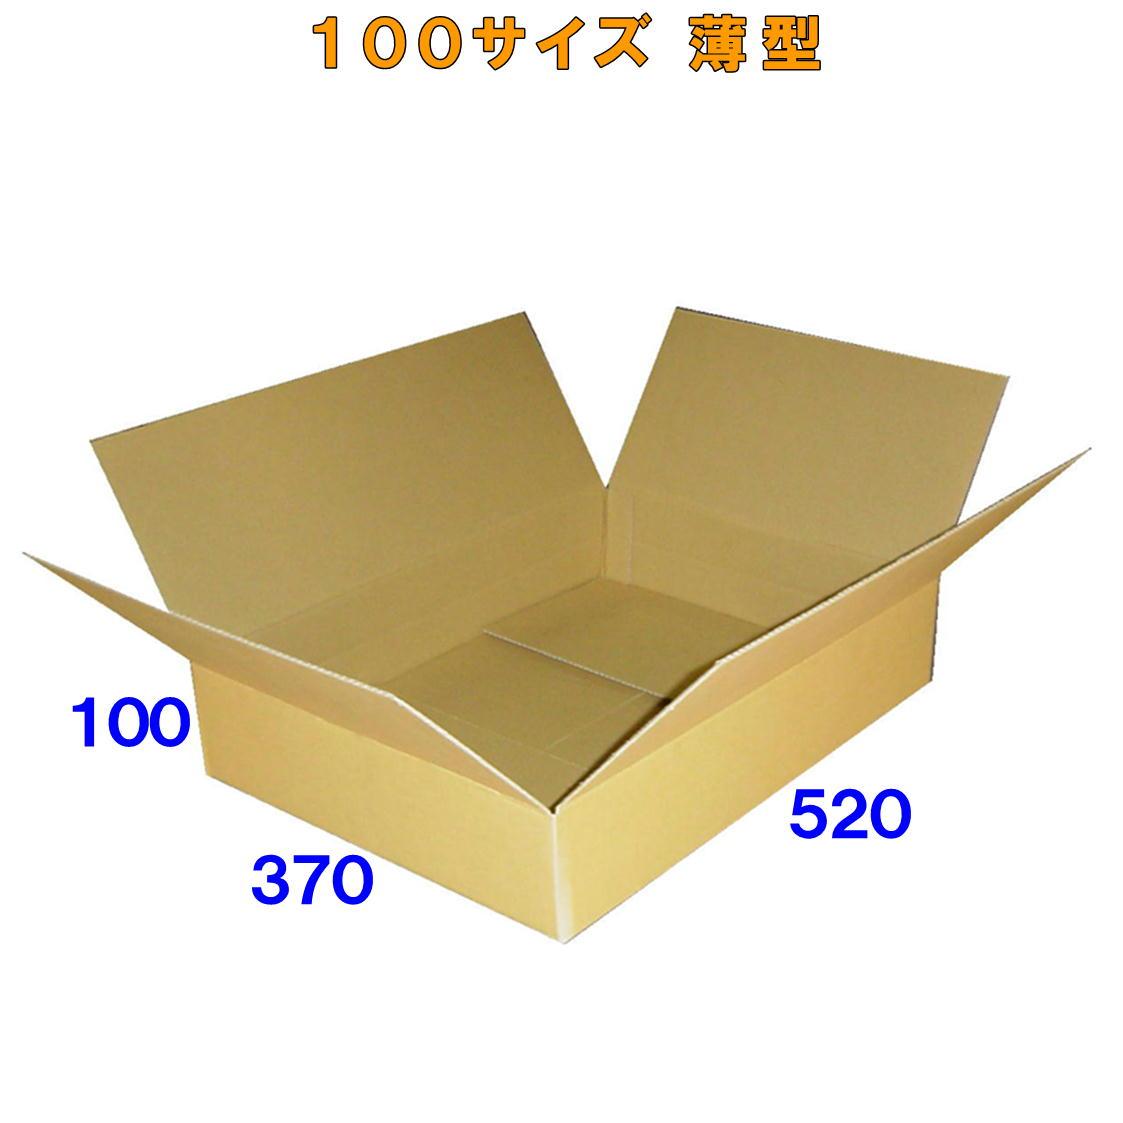 ※この商品は西濃運輸での配送です※※沖縄と離島は対象外となります※ 法人様向け SALE開催中 100サイズ ダンボール 薄型 箱 40枚 便利線入り 贈り物